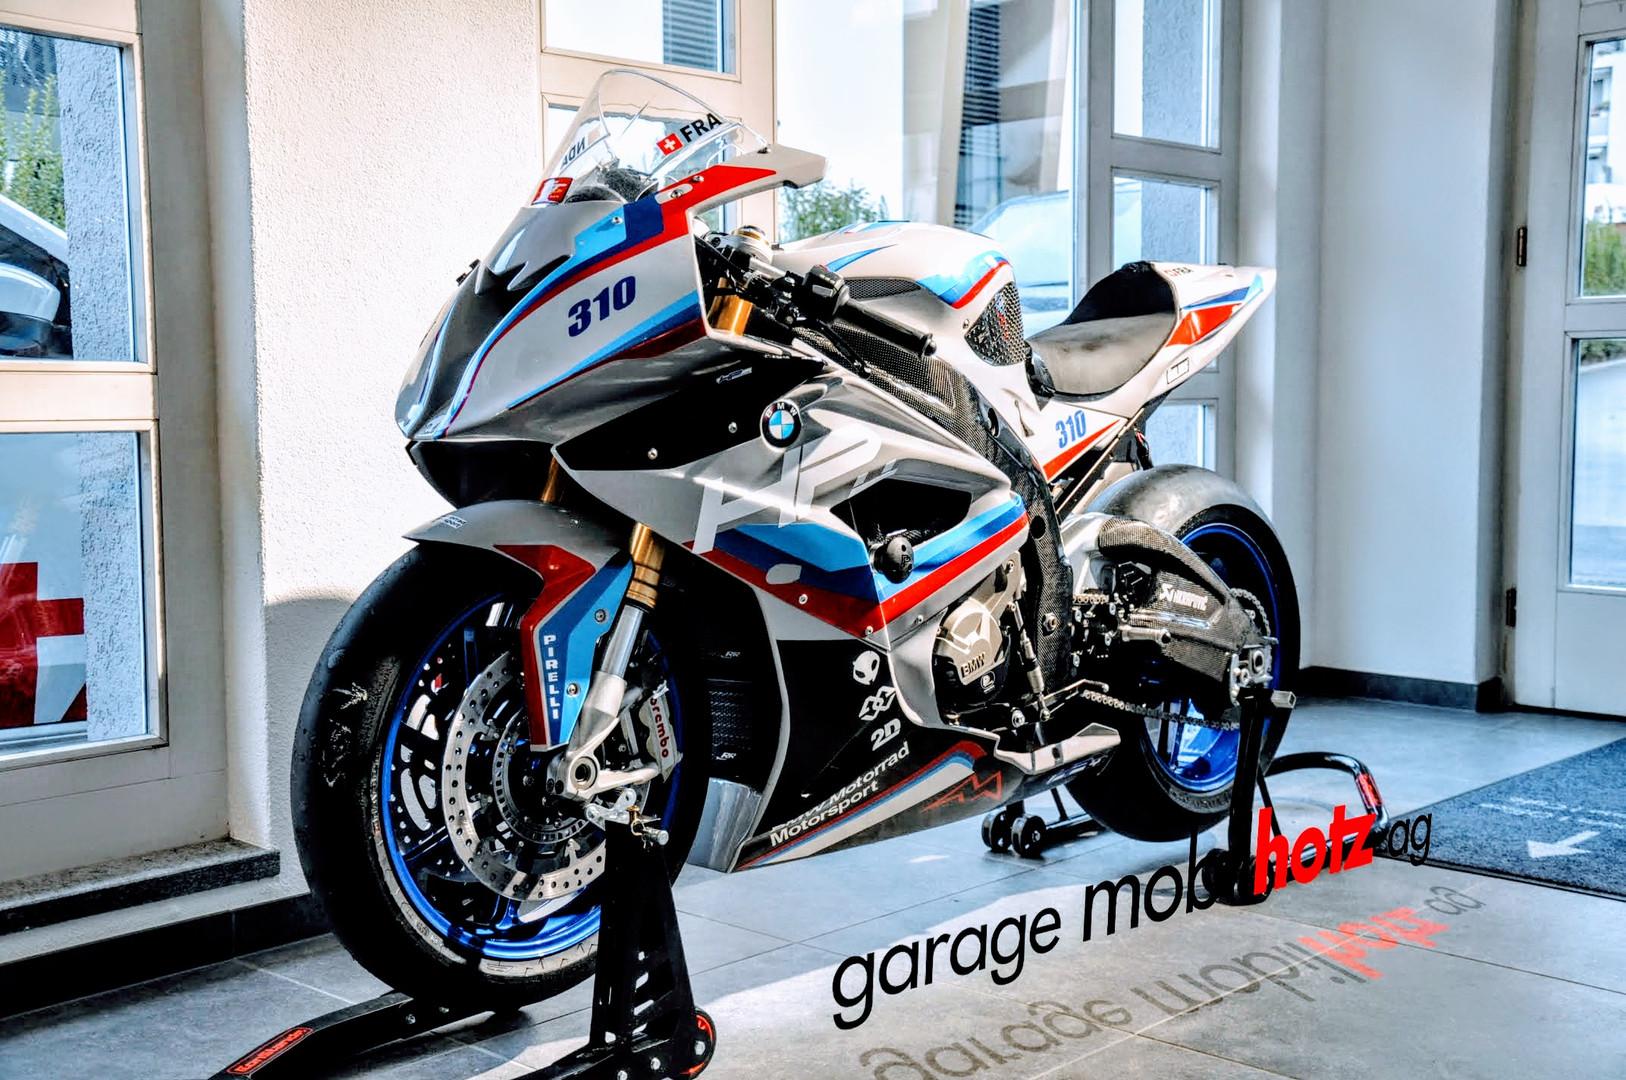 Kommissionsverkauf Motorrad.jpg